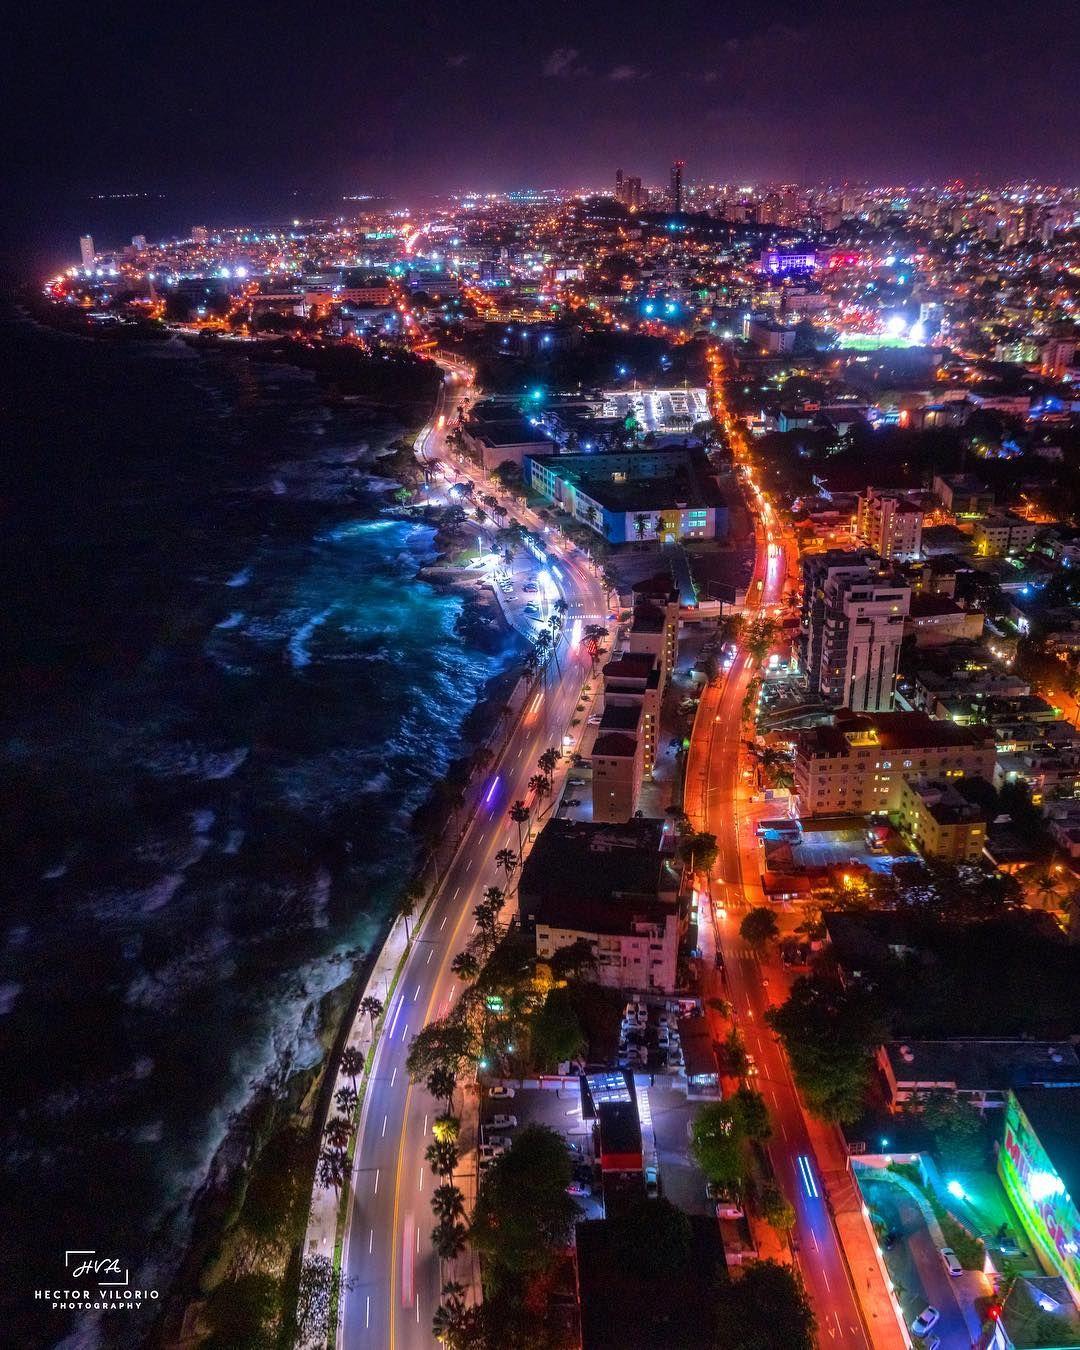 Vista nocturna del MALECON y la Avenida Independencia, en SANTO DOMINGO,  República Dominicana... 🇩🇴🌃🌛 . . Me gusta fotografi…   Beach trip,  Places to go, Travel